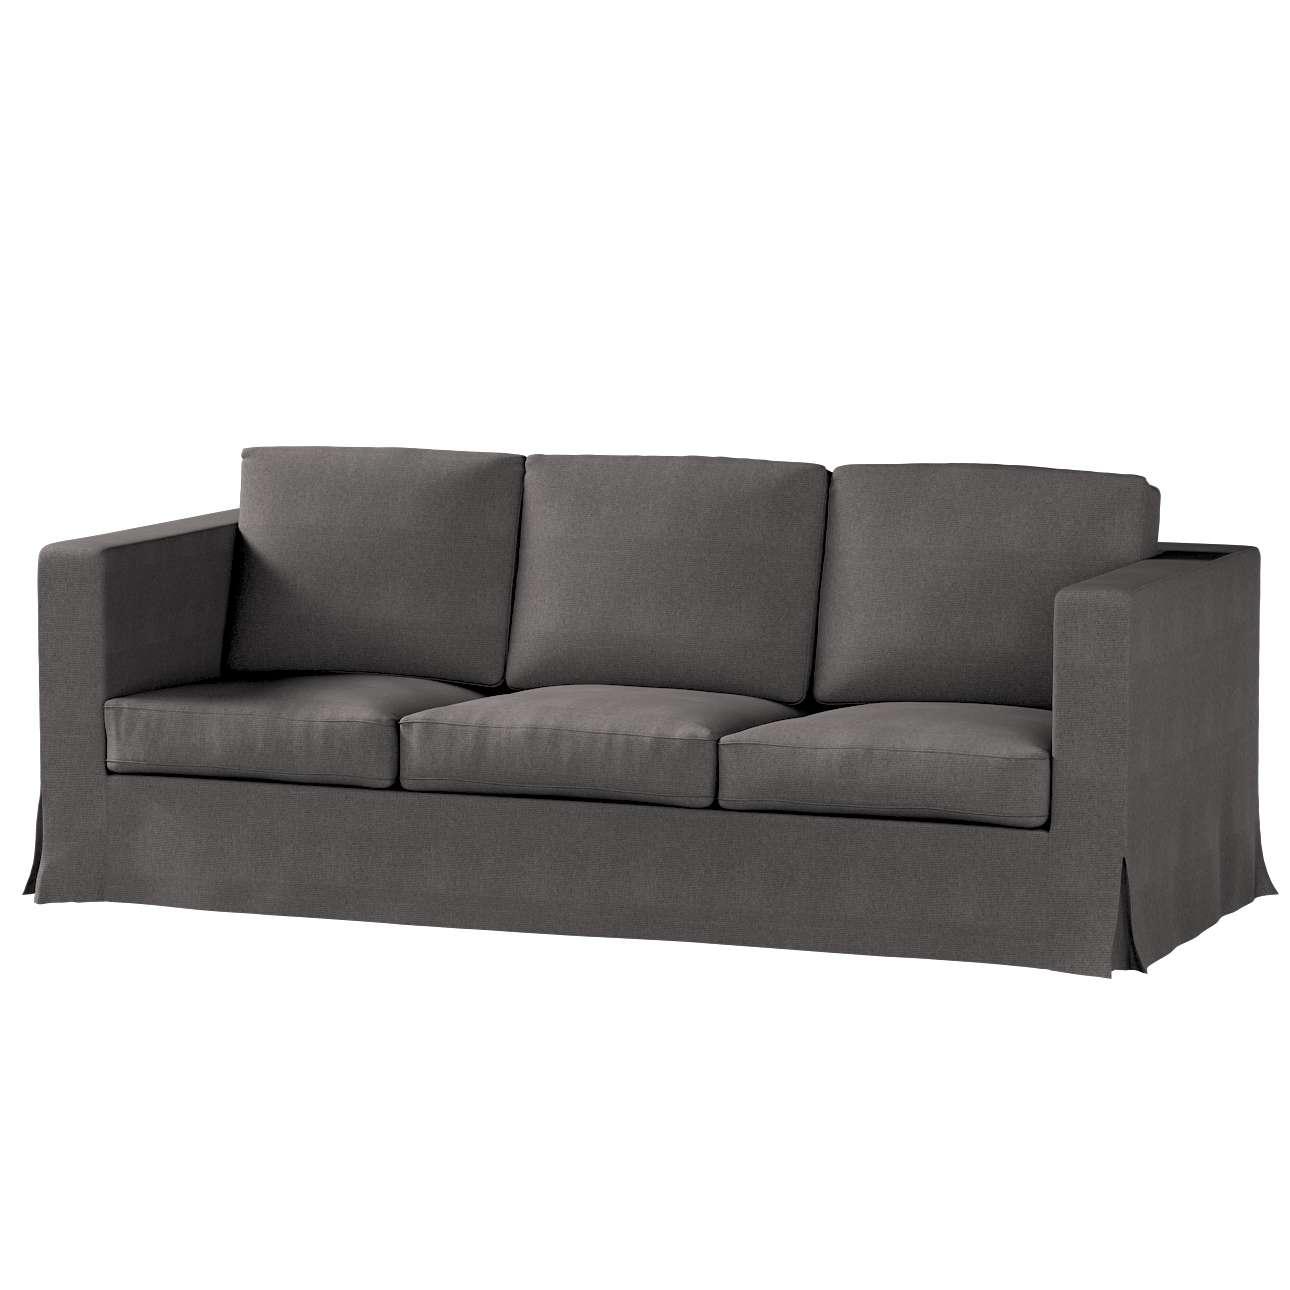 Pokrowiec na sofę Karlanda 3-osobową nierozkładaną, długi Sofa Karlanda 3-os w kolekcji Etna , tkanina: 705-35